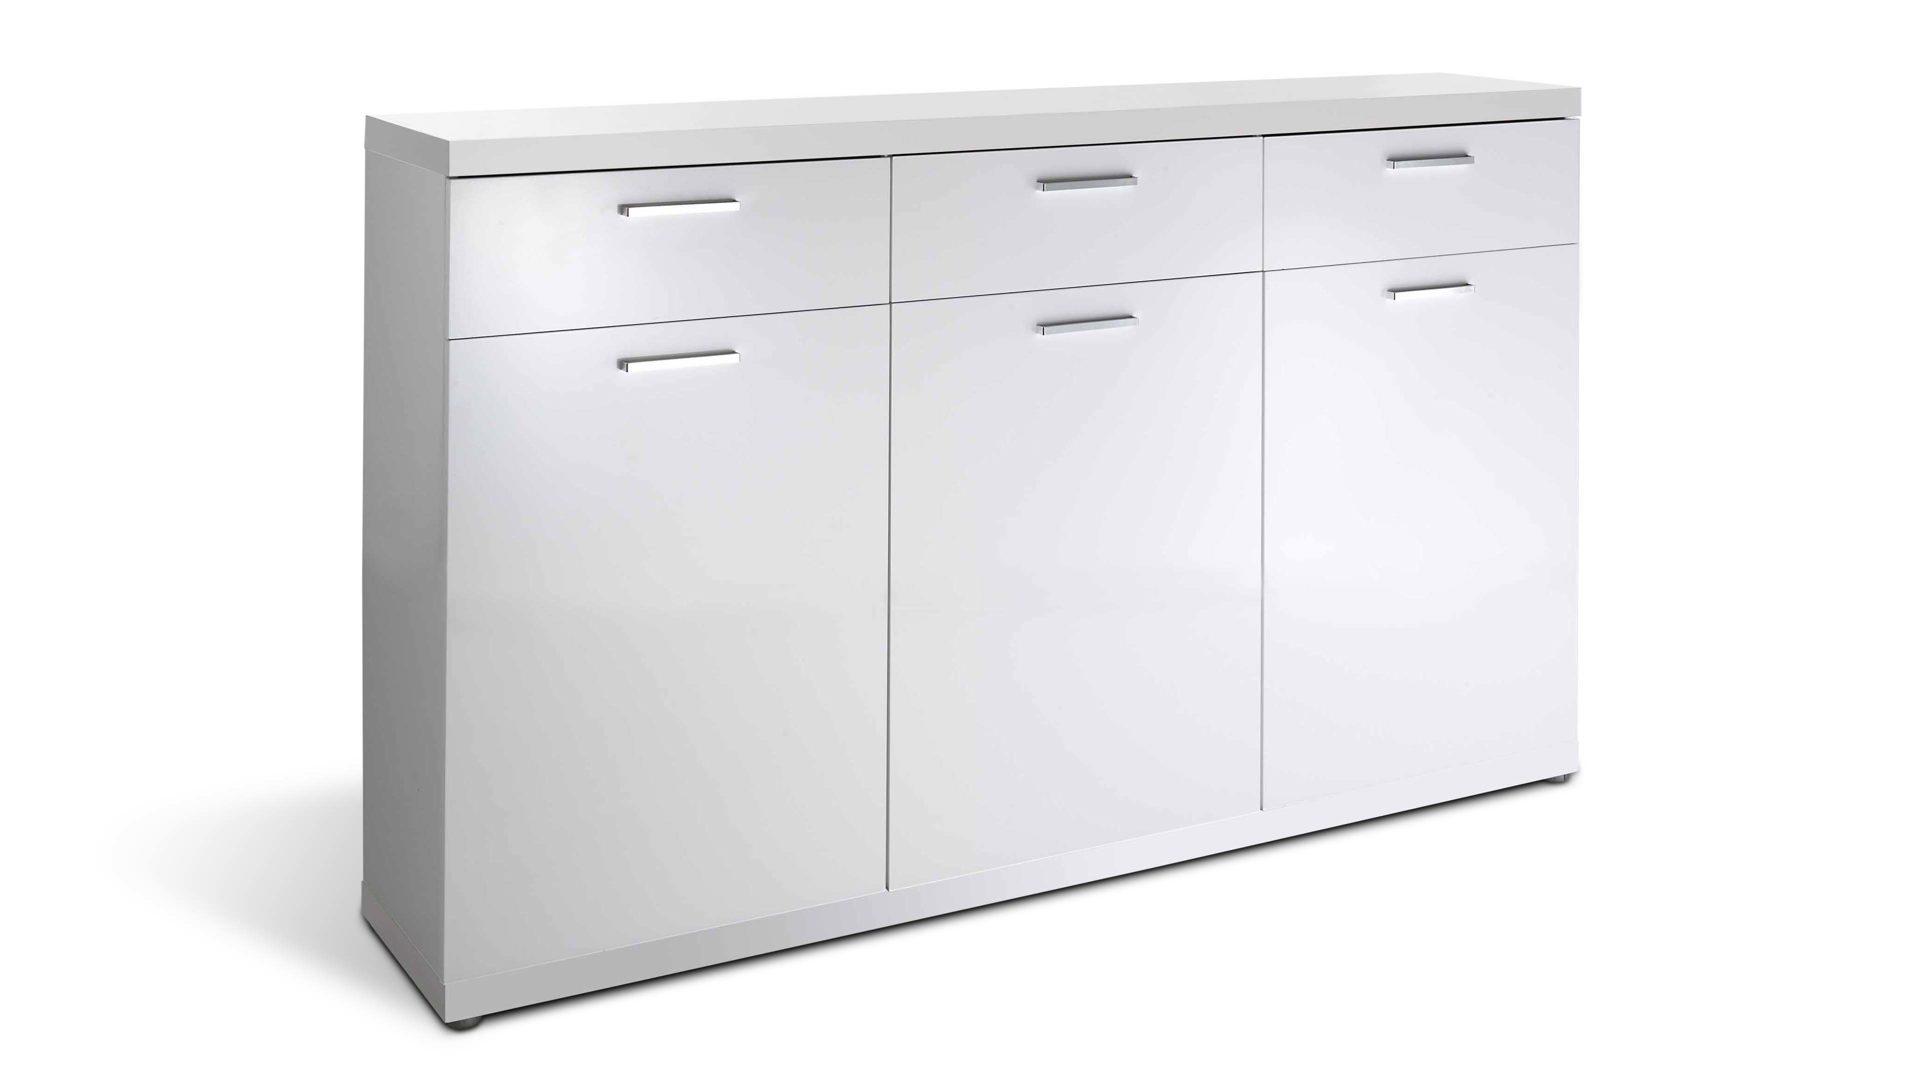 Sideboard Space Eine Kommode Mit Modernem Design Weisse Kunststoff